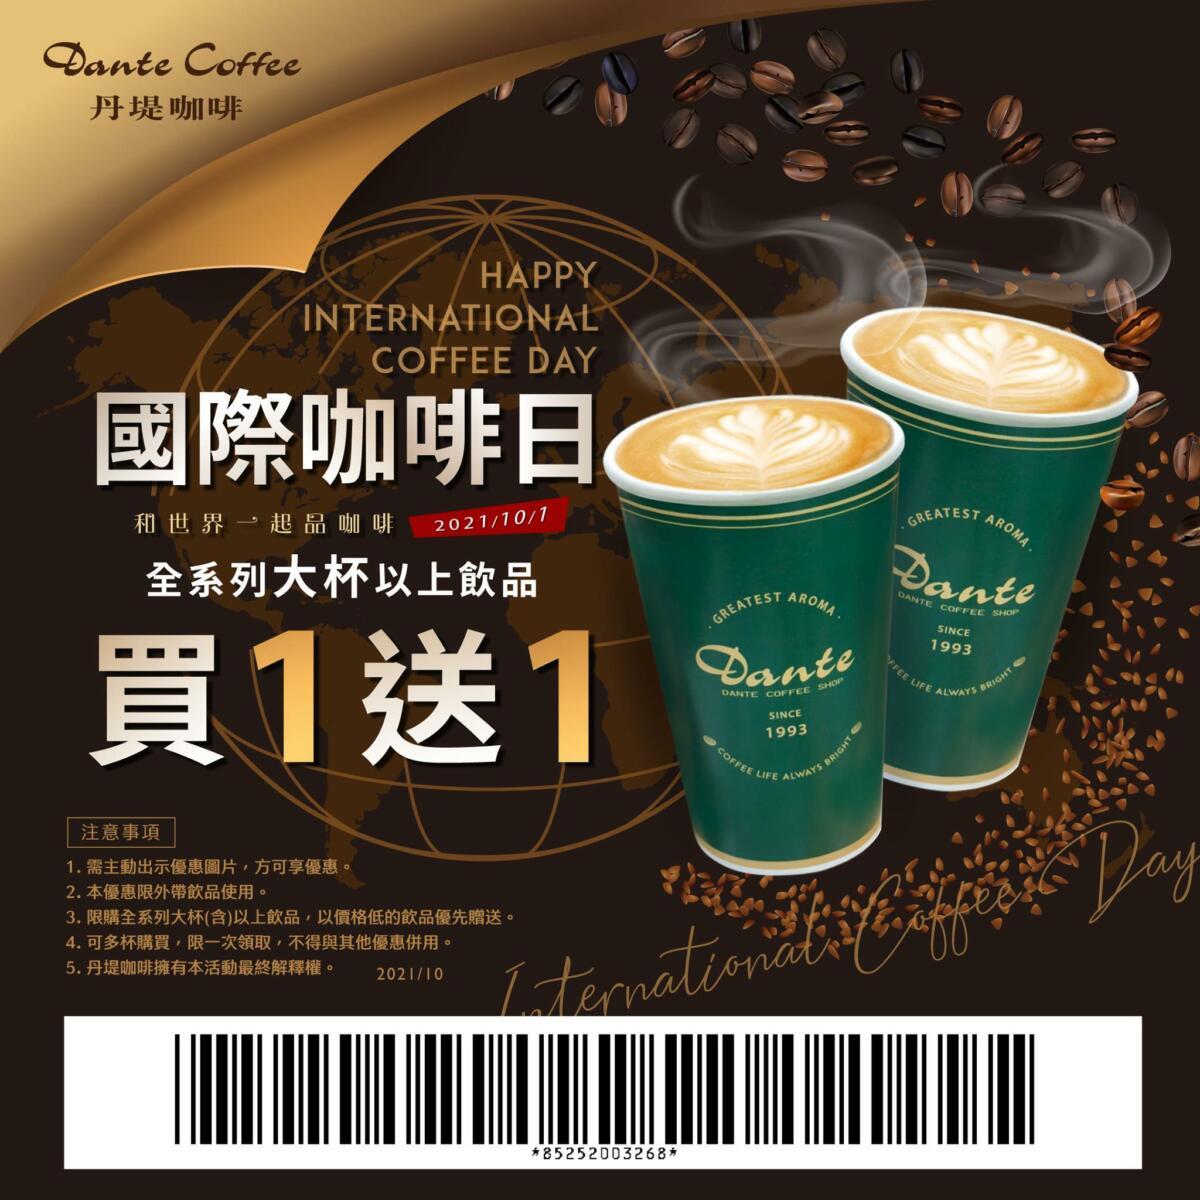 繼感恩教師節買一送一,為迎接國際咖啡日,丹堤咖啡10/1當天再度推優惠。 圖/擷取自丹提咖啡臉書